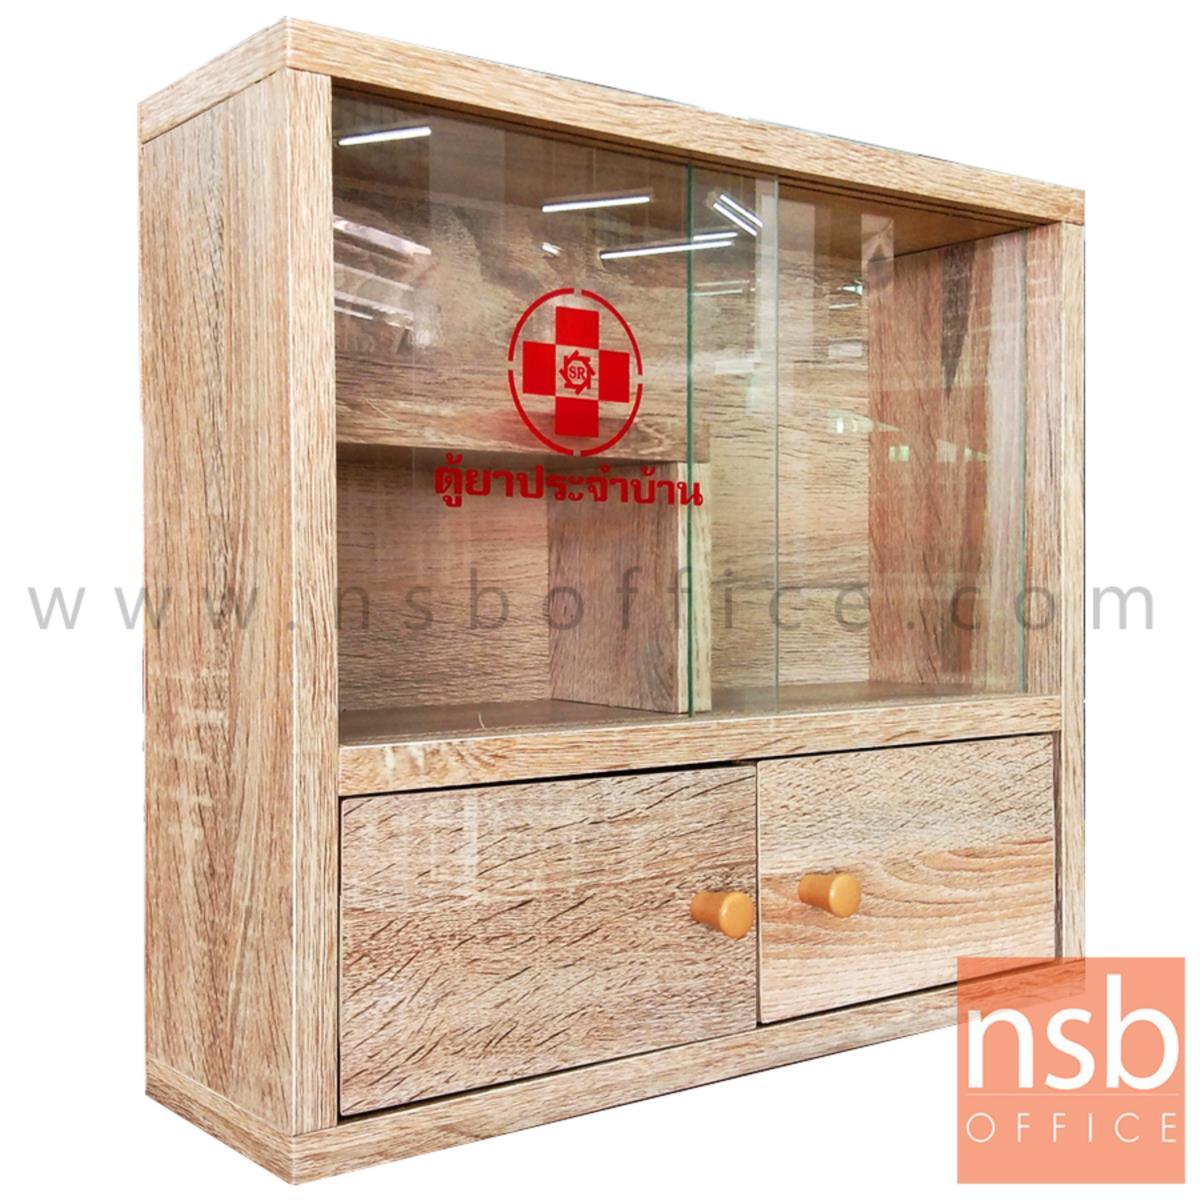 G15A005:ตู้ยาสามัญประจำบ้านพีวีซี No.3